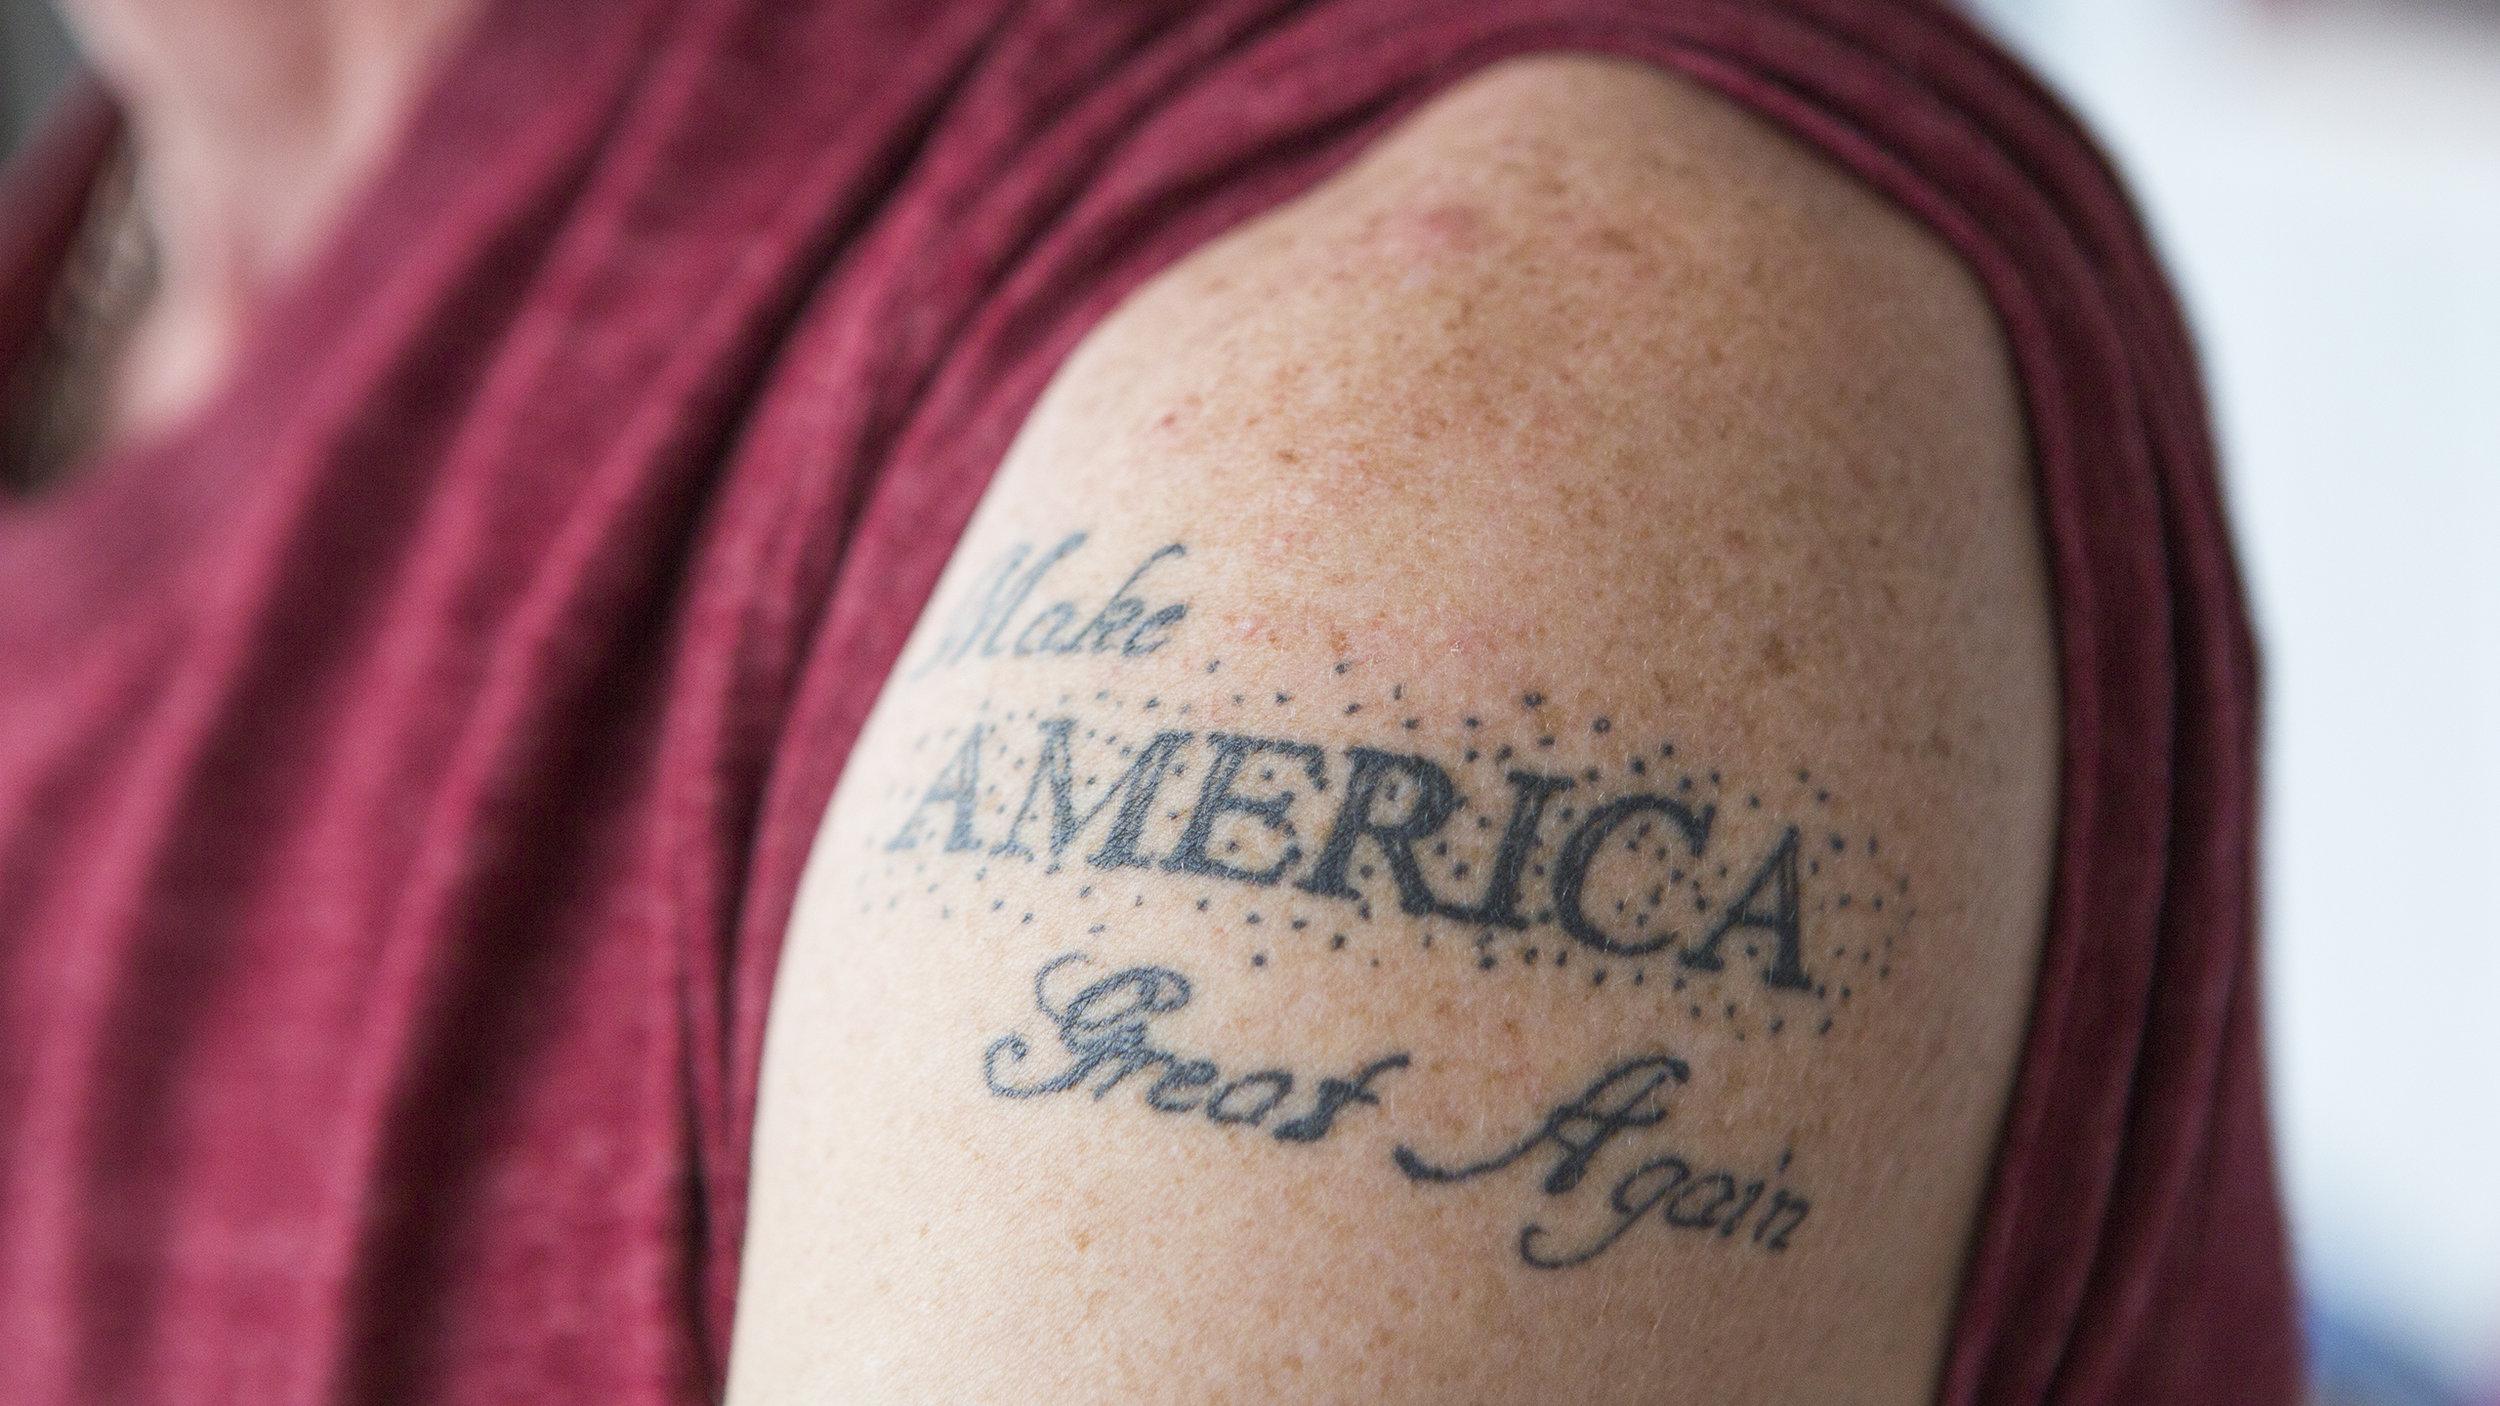 180514-rogers-tattoo-embed3_ryypyr.jpeg